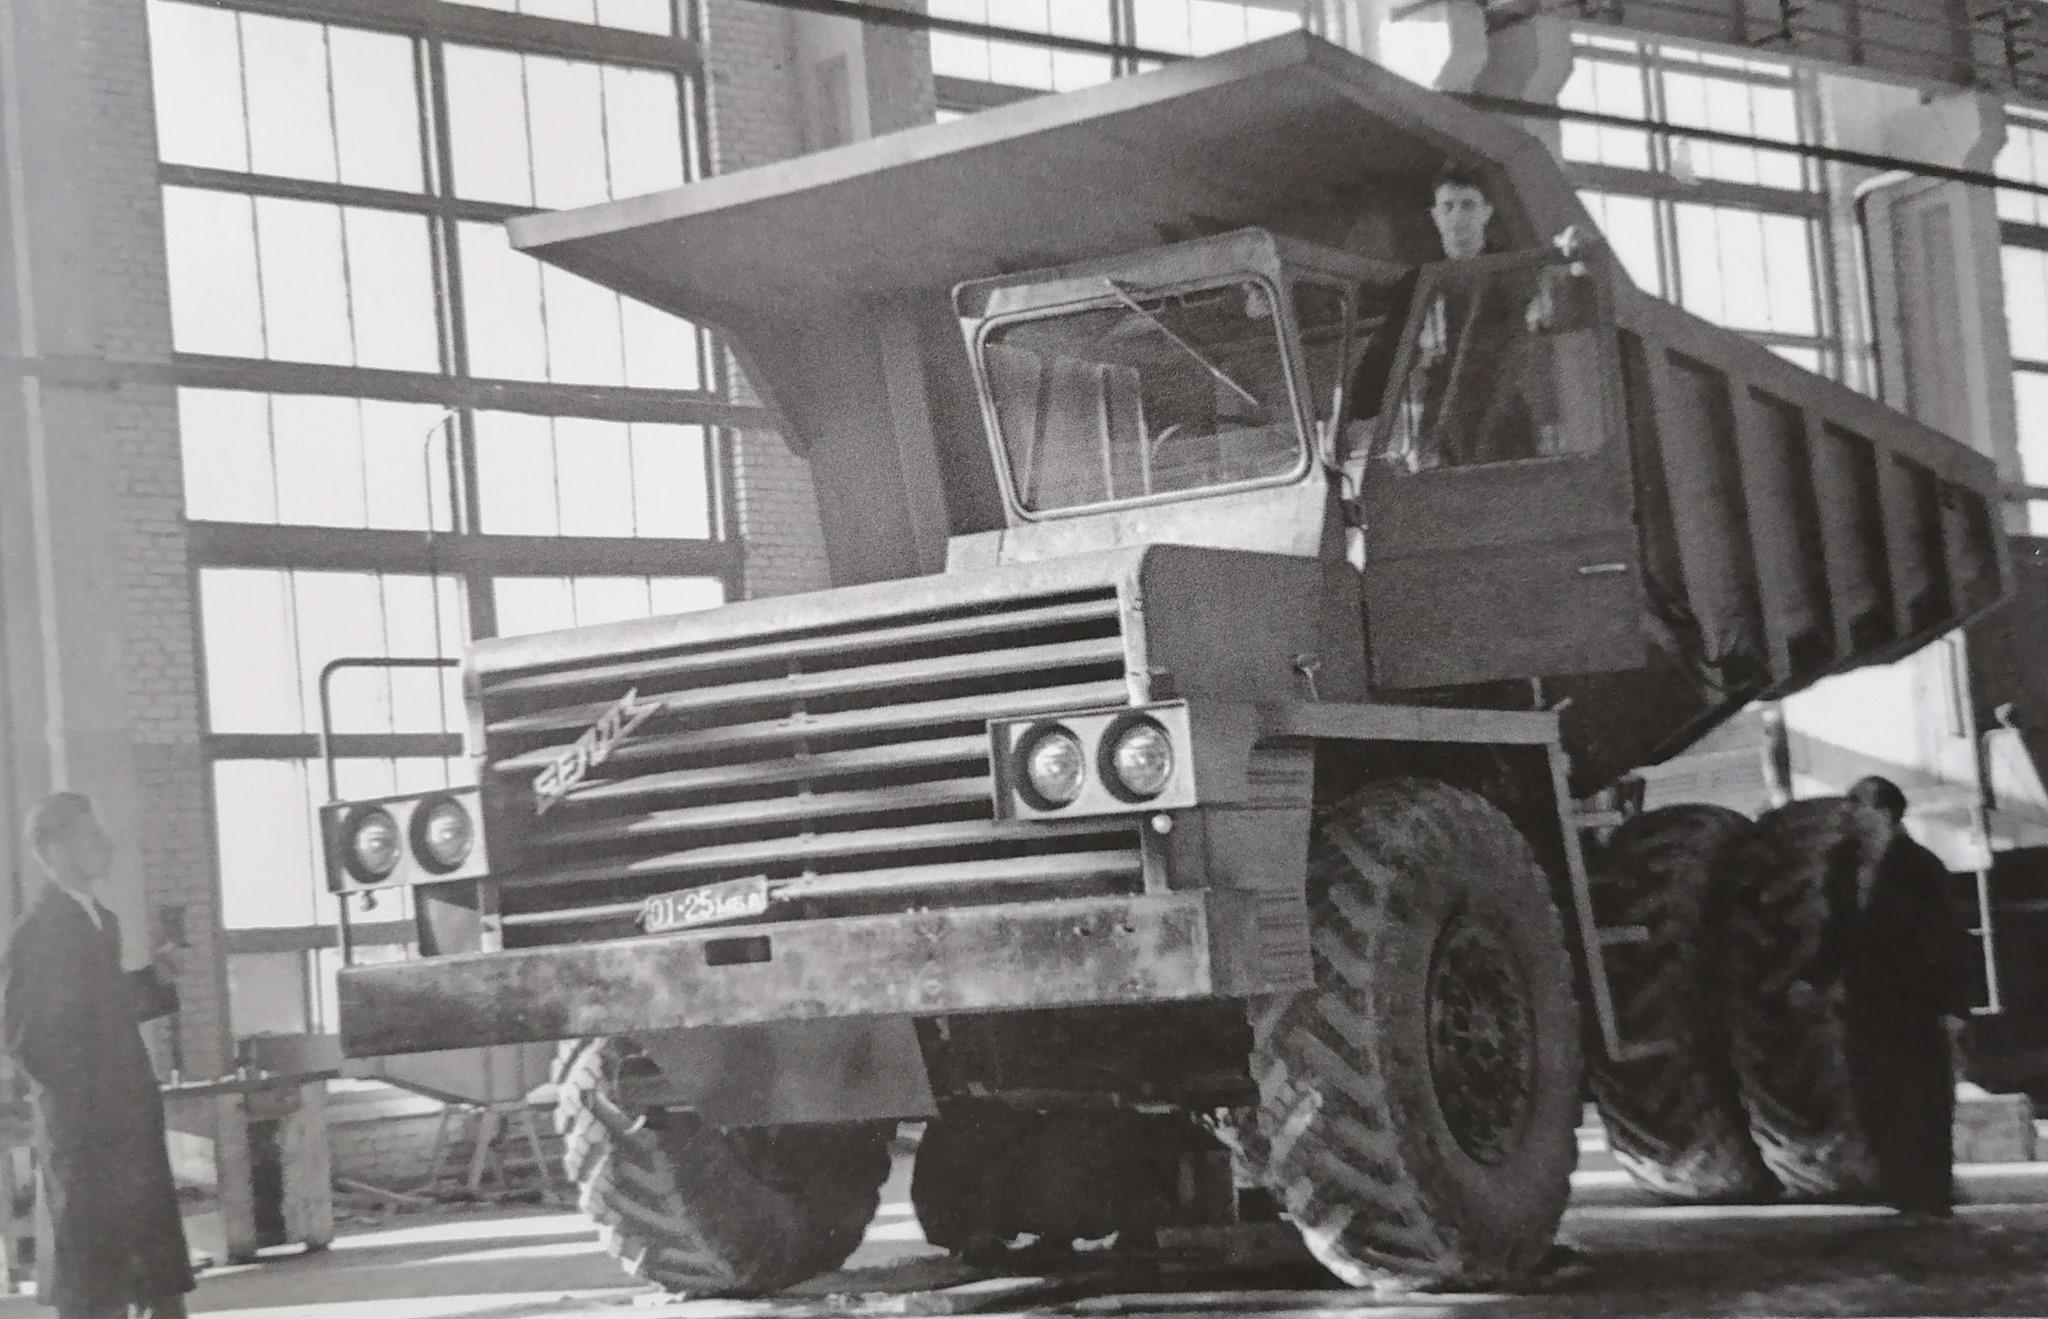 BelAZ-540-steengroeve-truck-met-een-lading-van-27-ton--gemaakt-in-1961